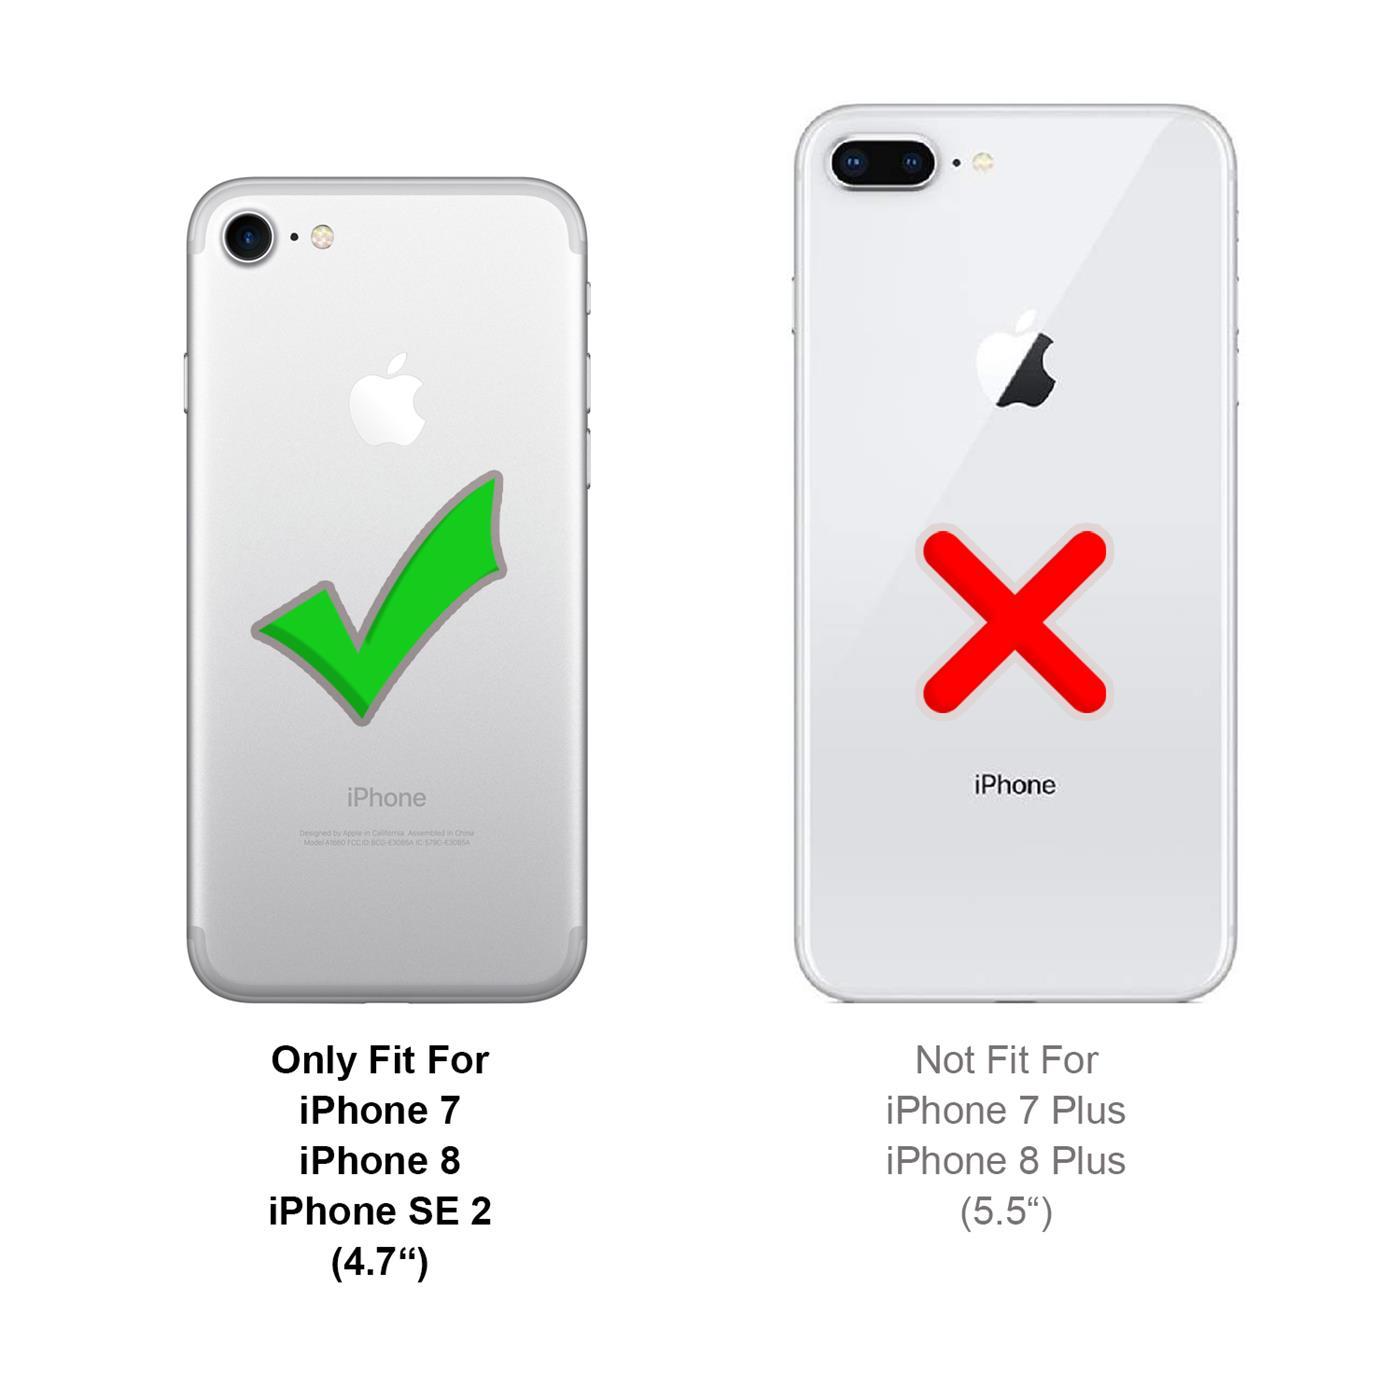 Slim-Cover-Schutzhuelle-Apple-iPhone-Handy-Schutz-Tasche-Huelle-Glas-Panzer-Folie Indexbild 30